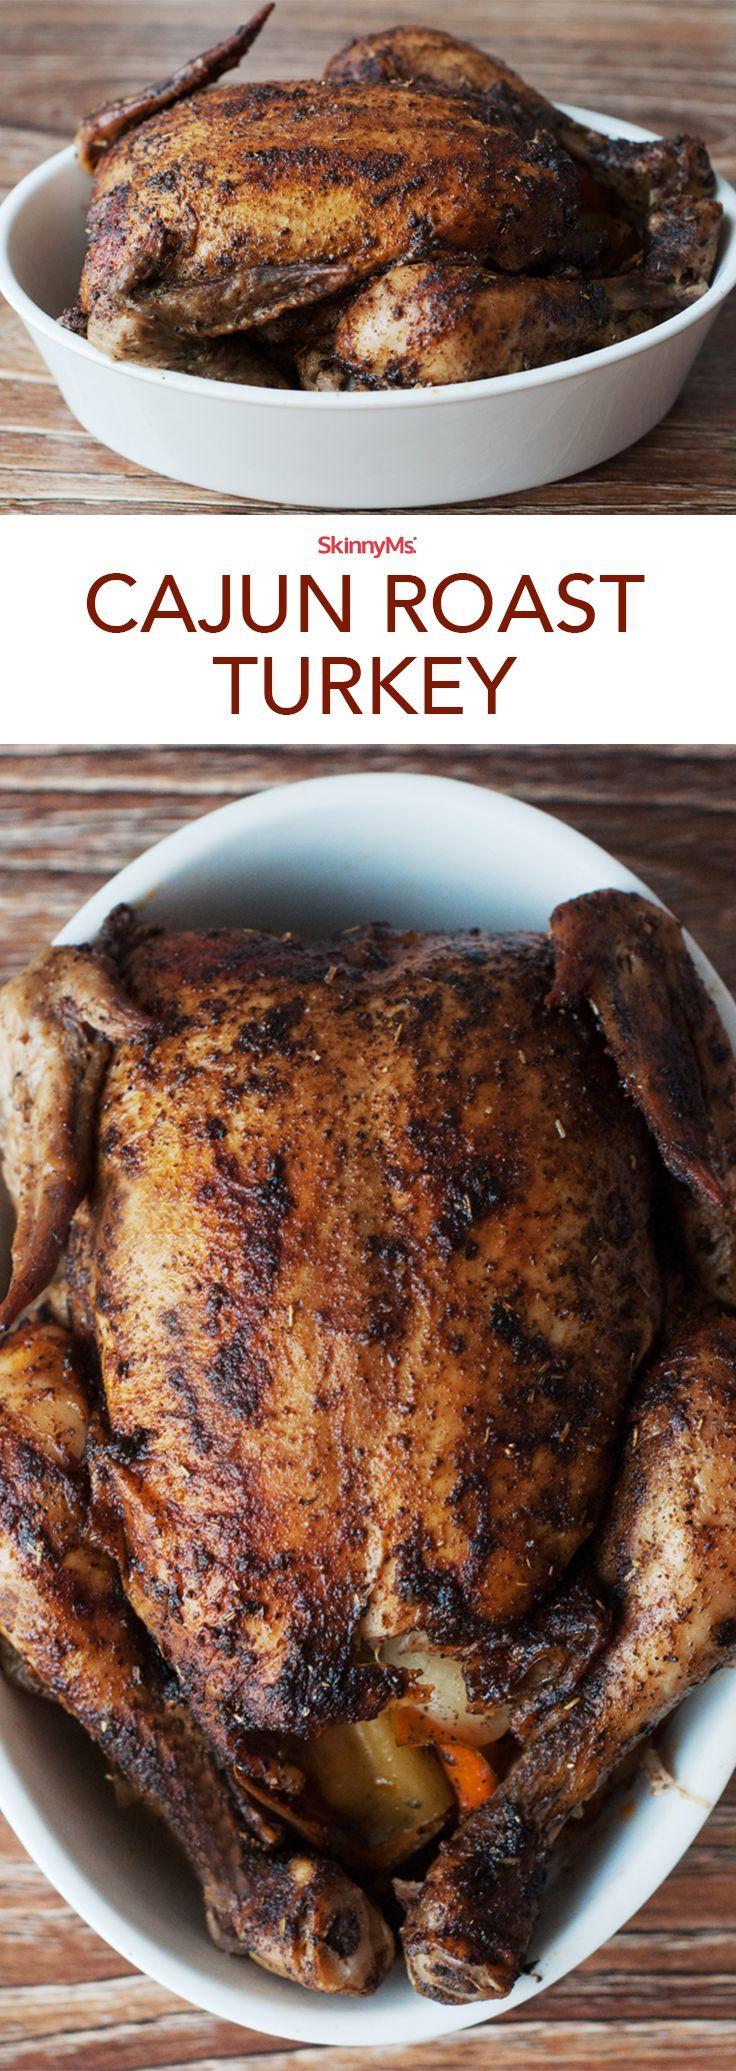 Photo of Cajun Roast Turkey